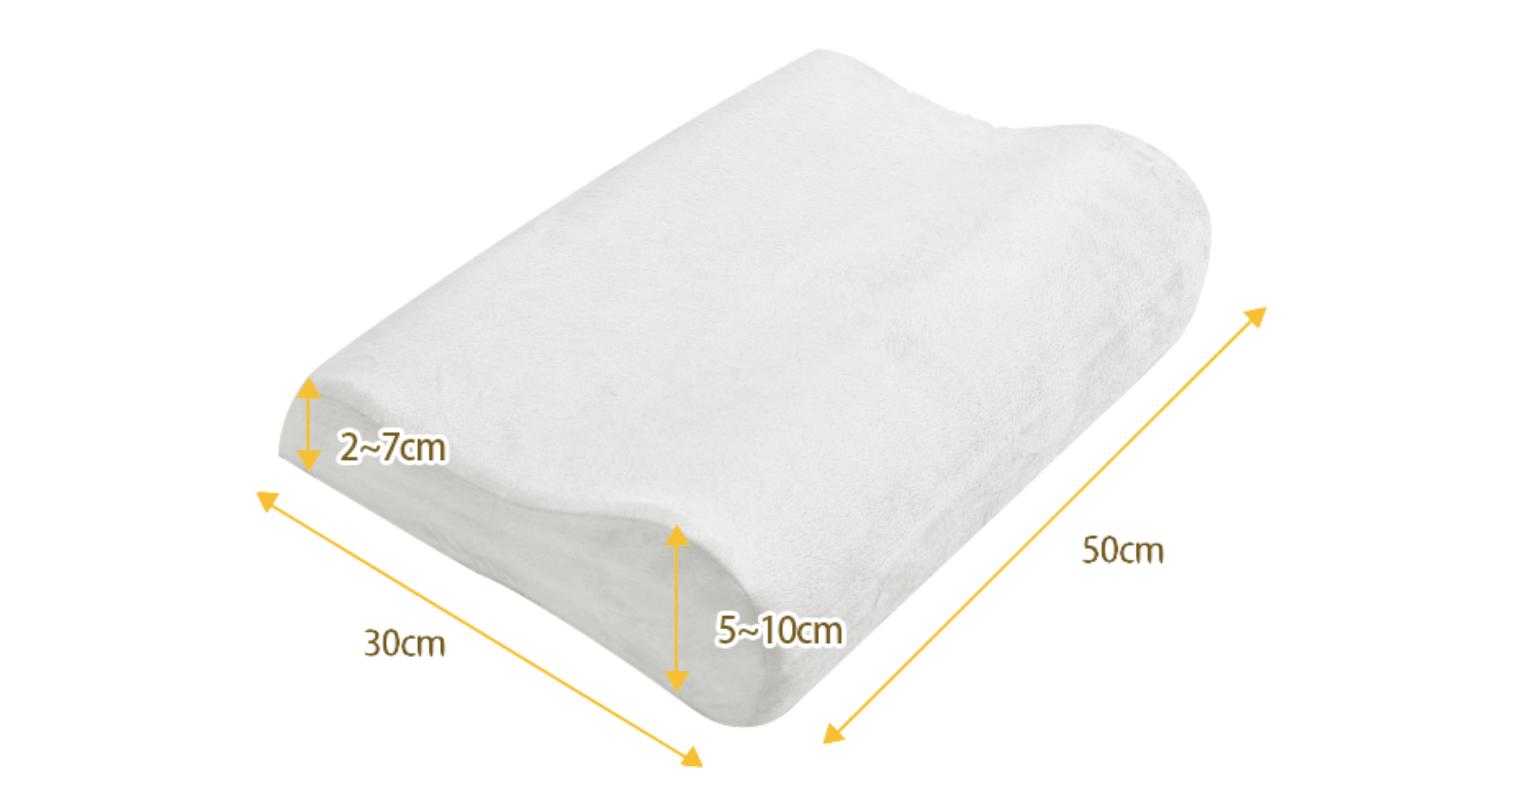 めりーさんの高反発枕のサイズ